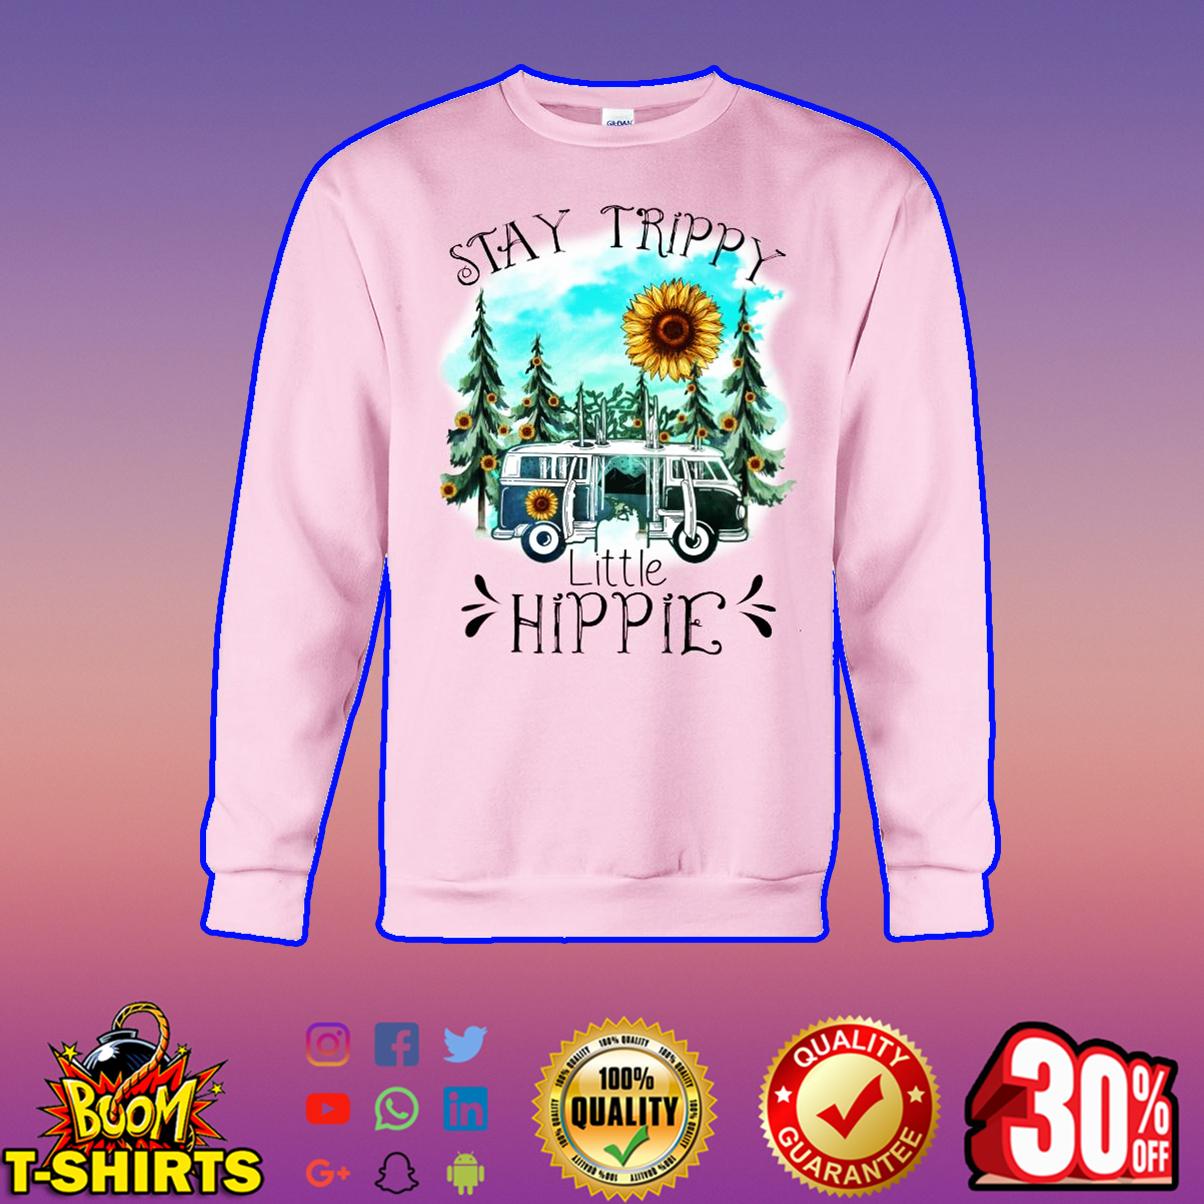 Stay trippy little hippie sweatshirt